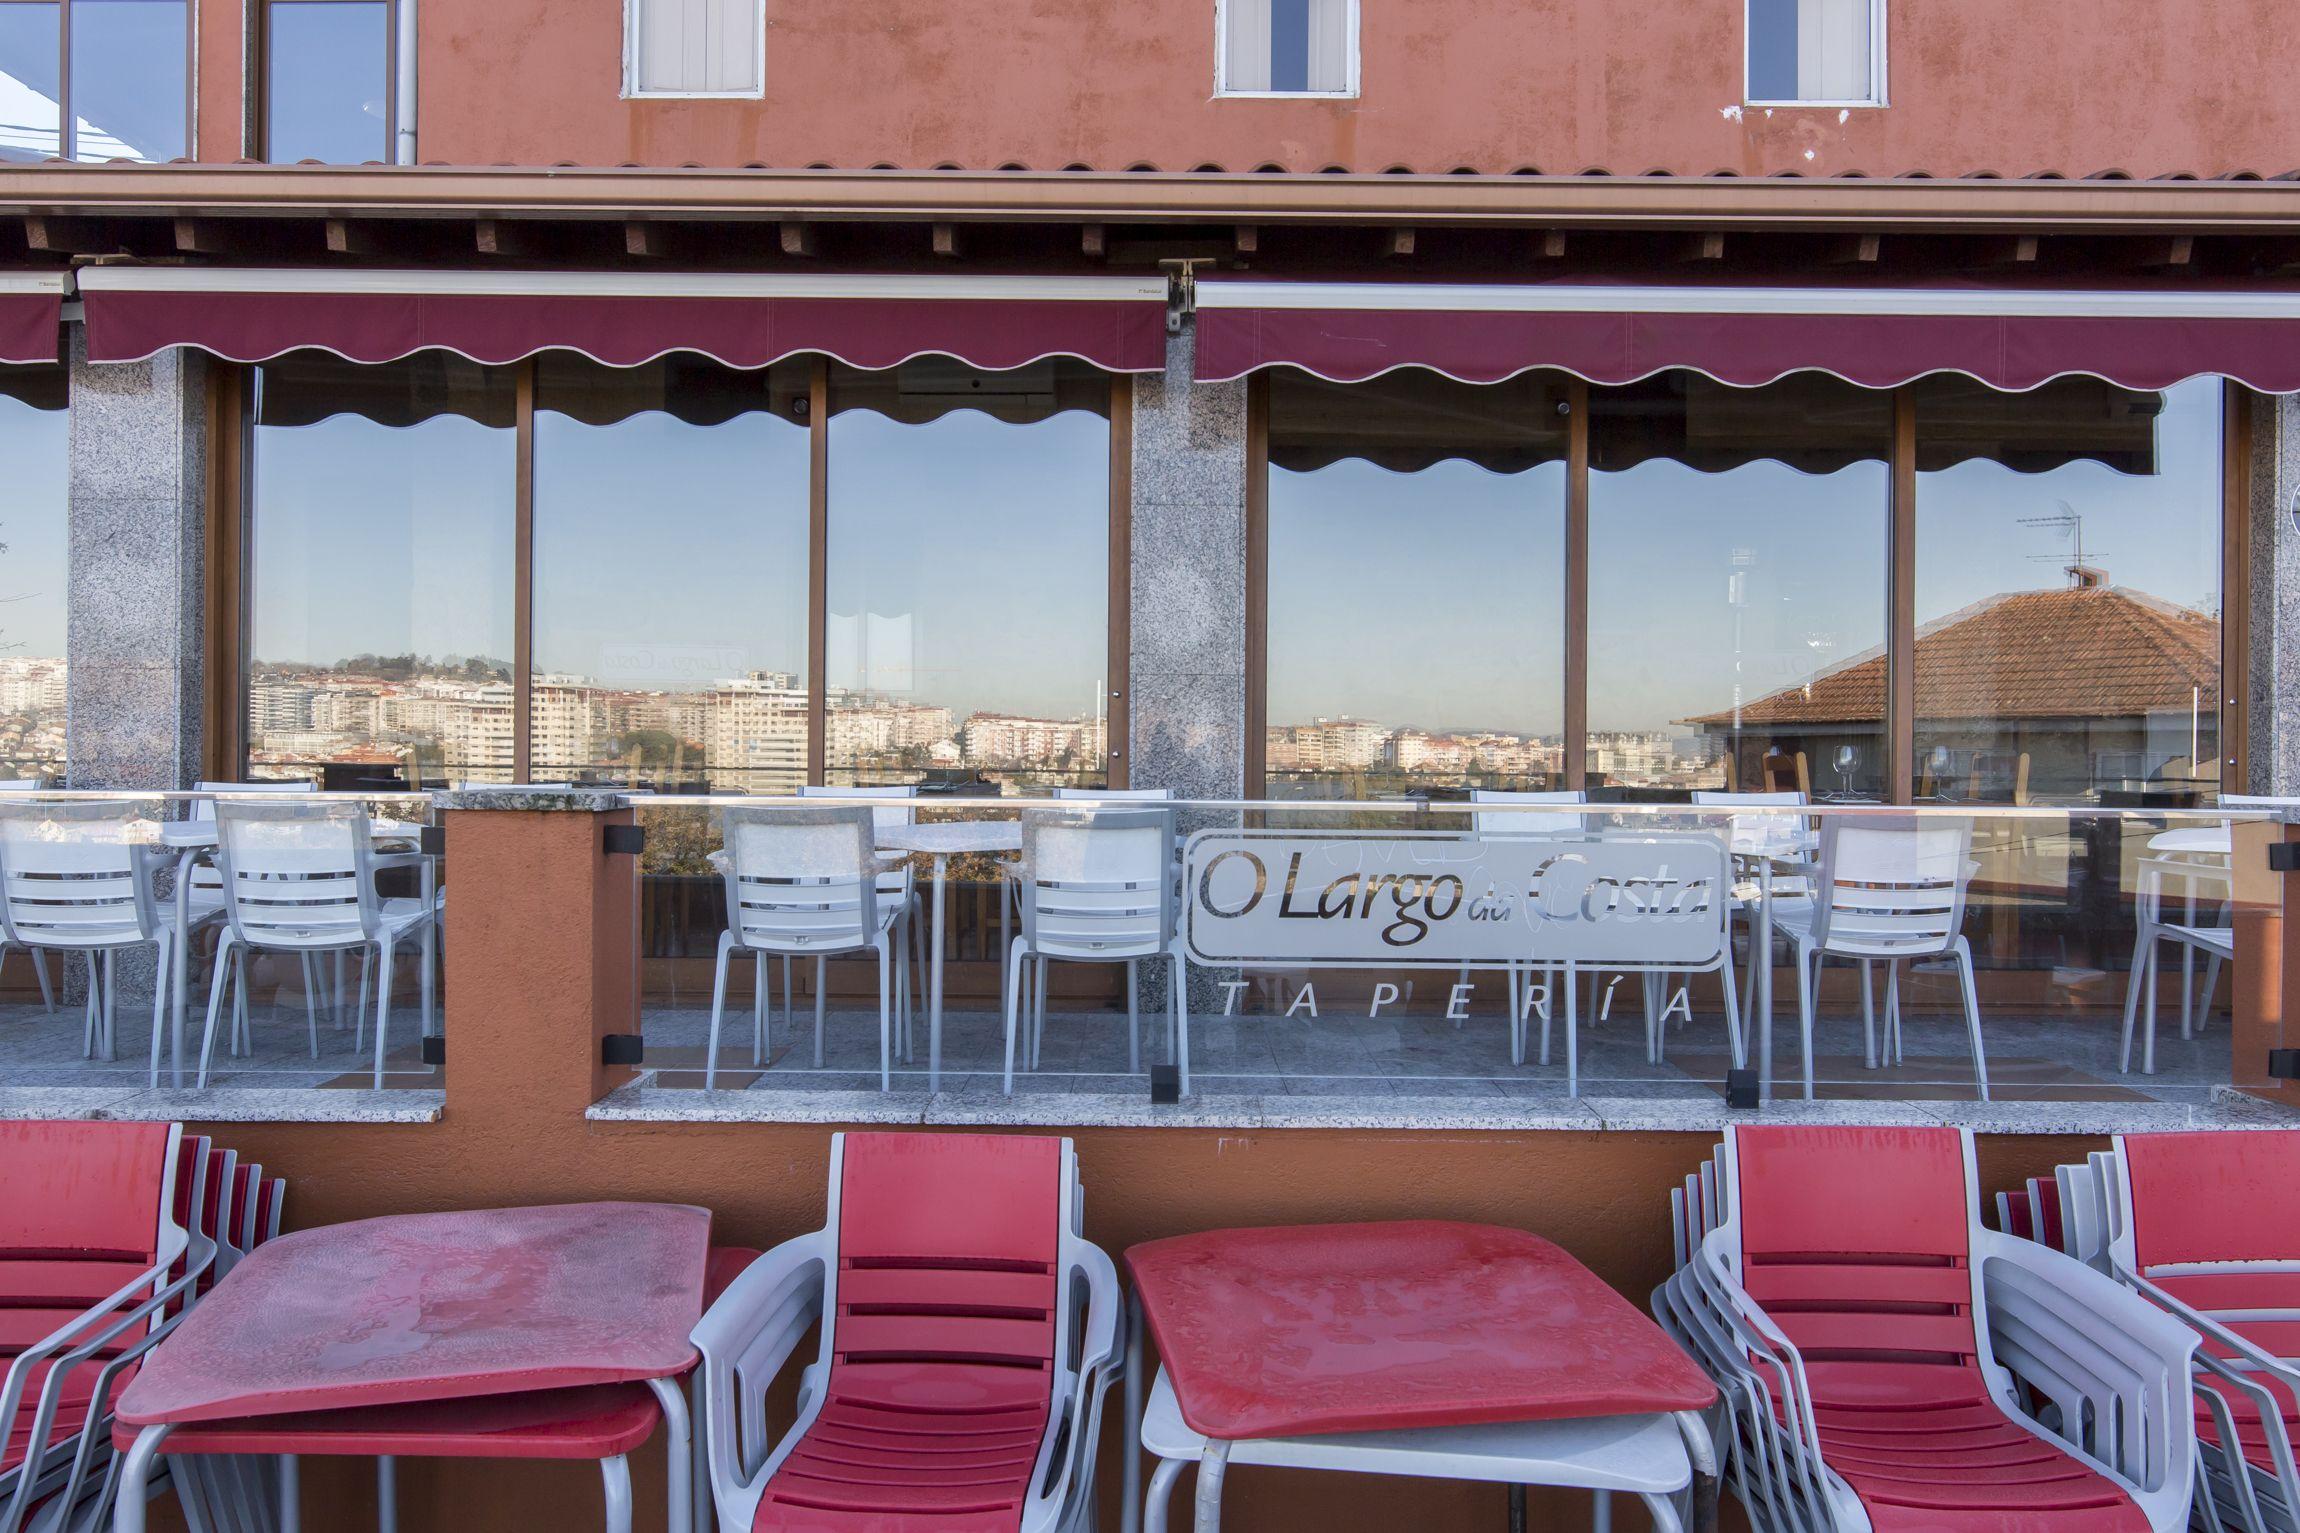 Foto 11 de Cocina gallega en Vigo Castrelos | O Largo da Costa Complejo